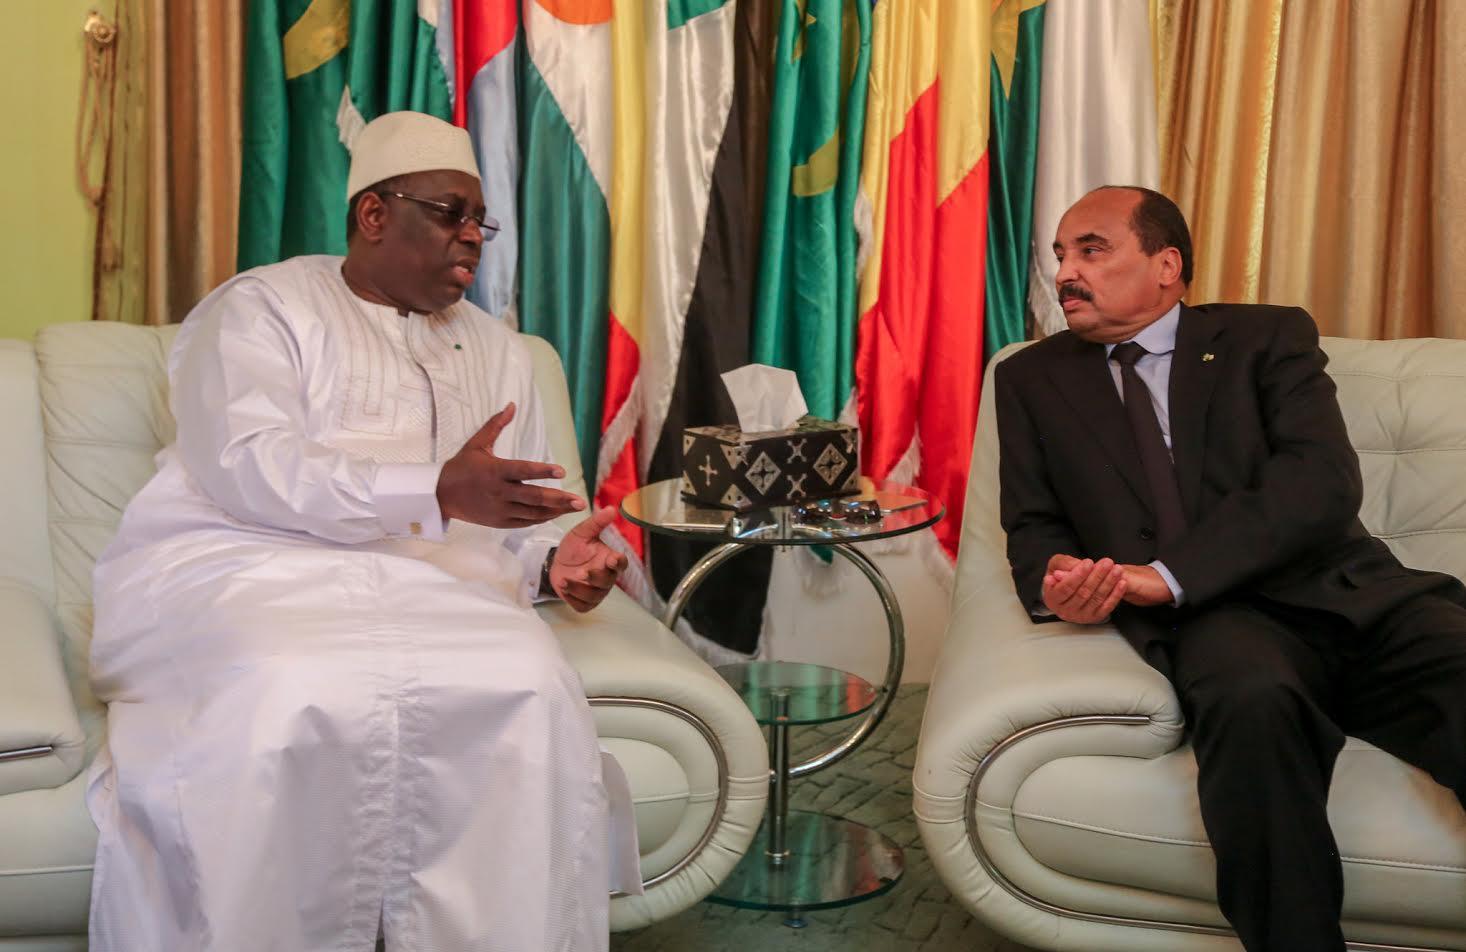 MAURITANIE : Un sénégalais expulsé du pays et délesté de ses 250 000 euros